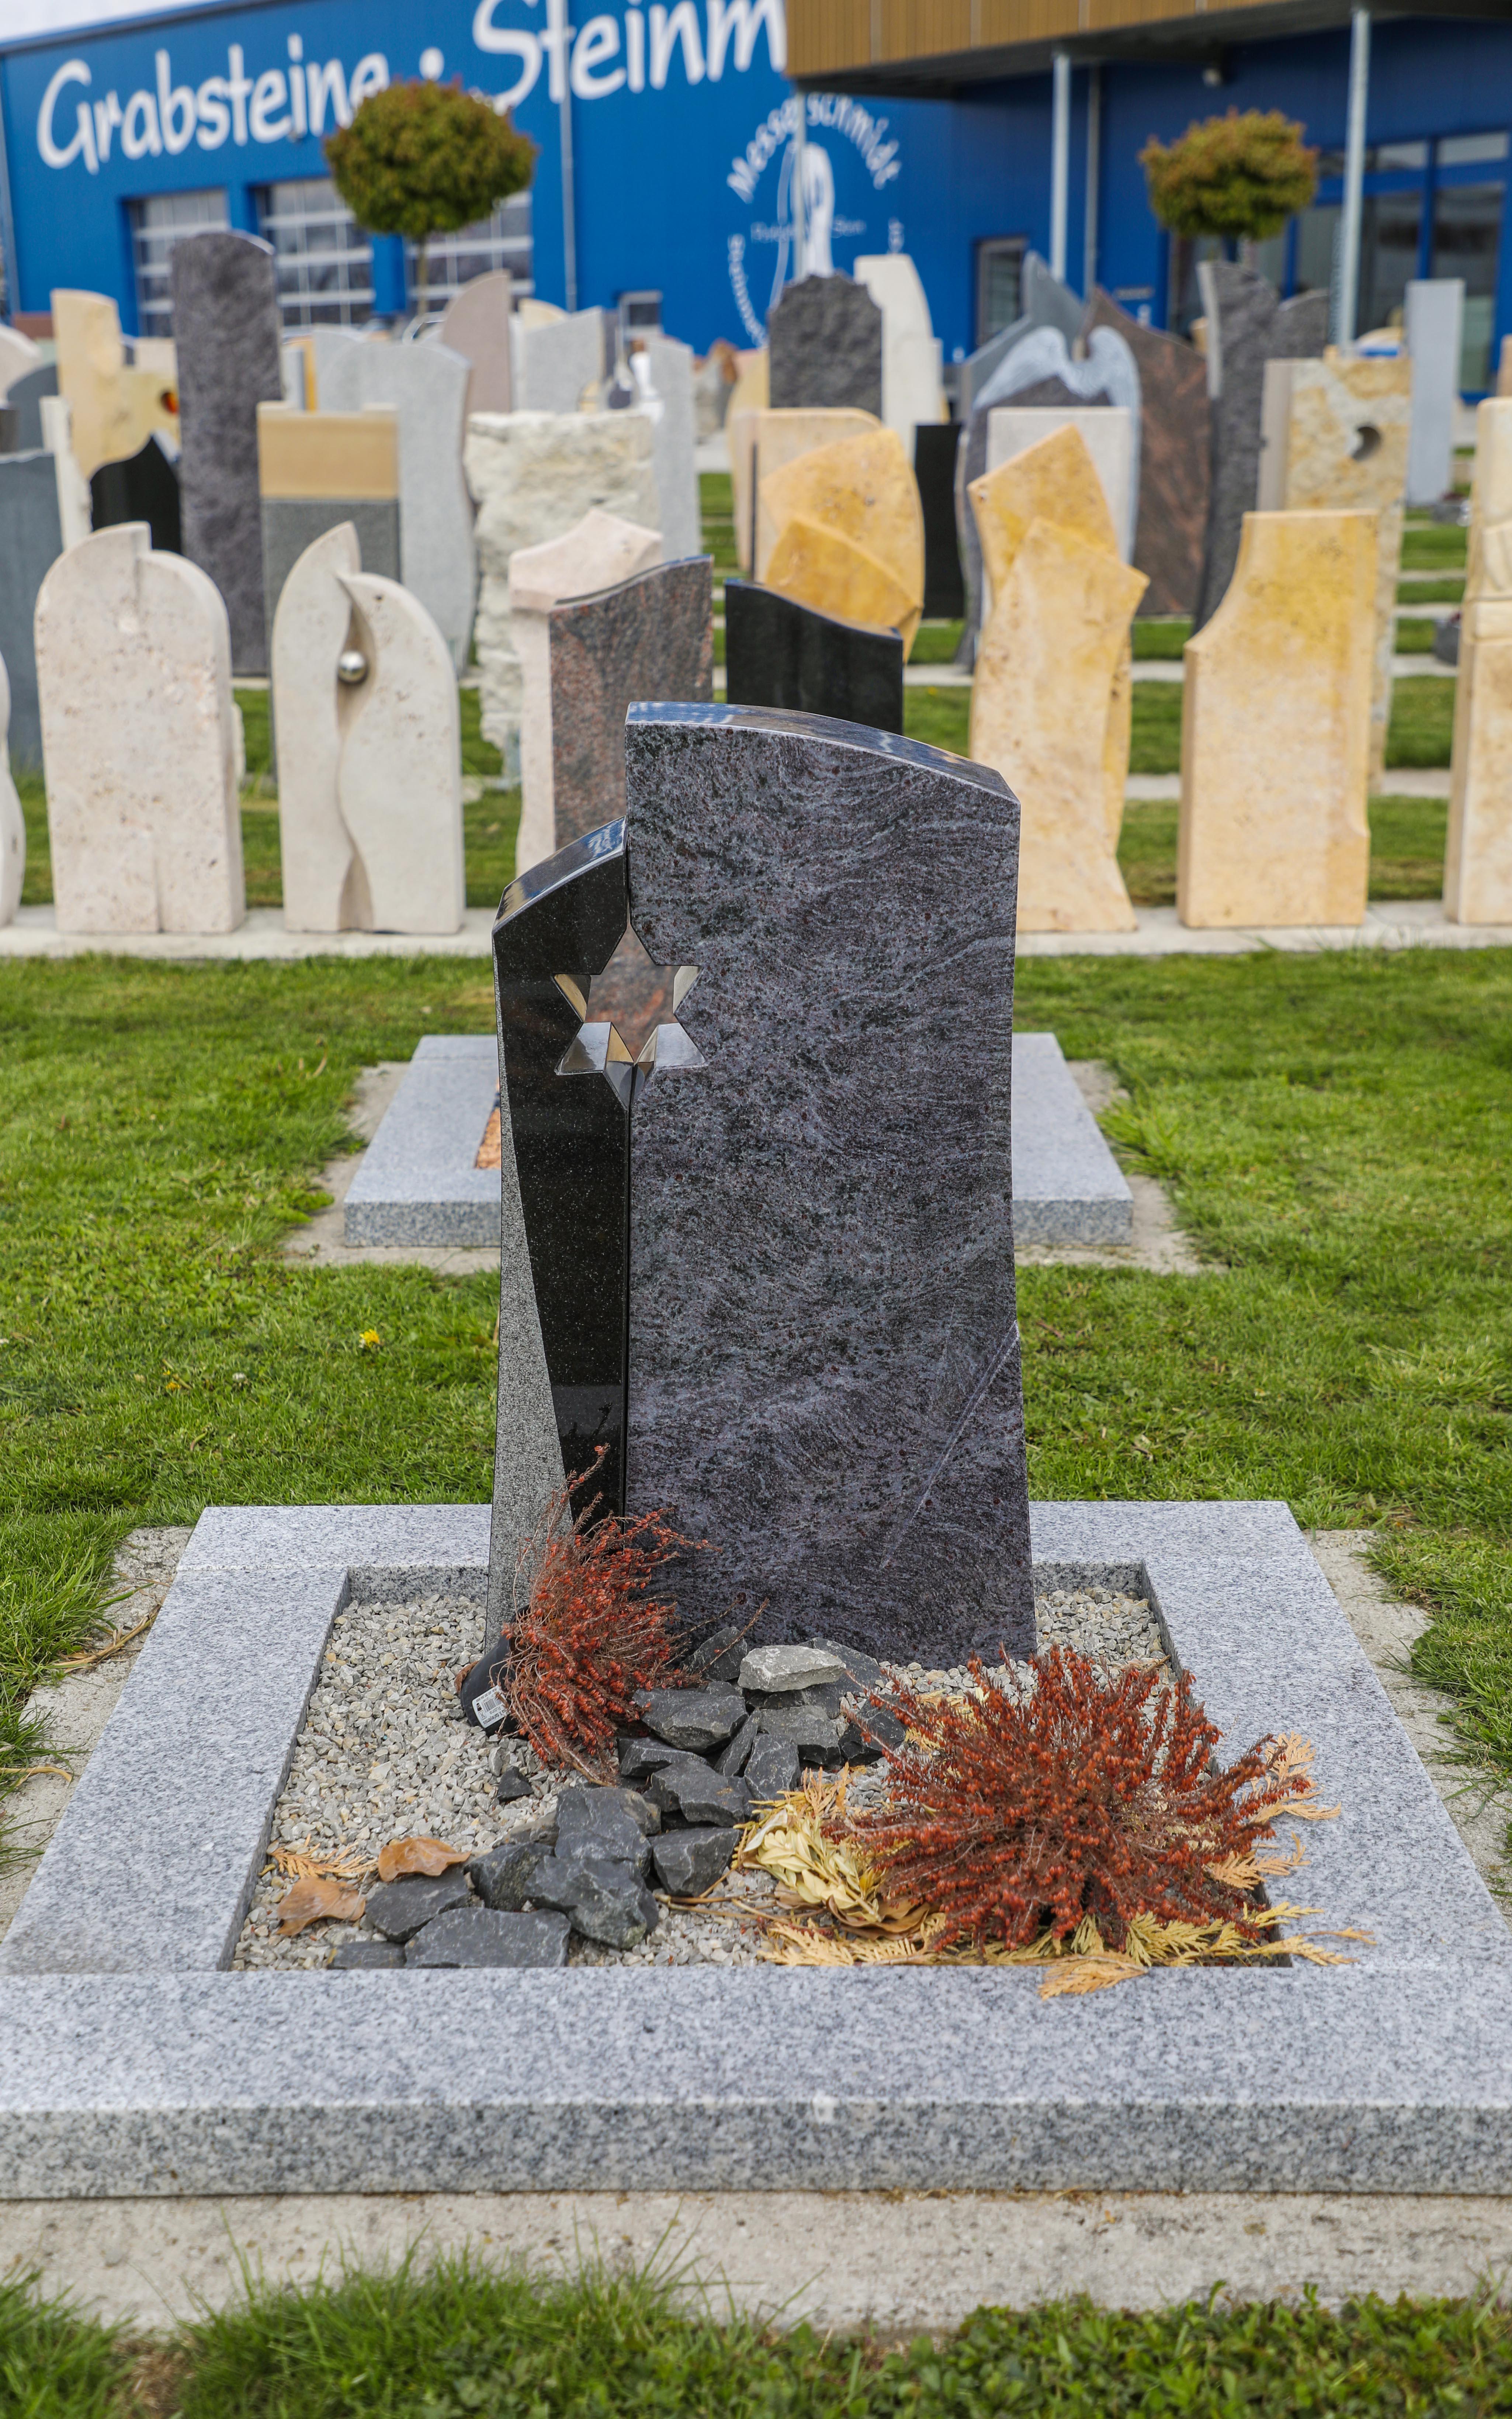 schöne günstige und moderne Grabsteine Urnengrabstein aus Granit mit Einfassung vom Steinmetz und Bildhauer Messerschmidt aus Deutschland in Crailsheim